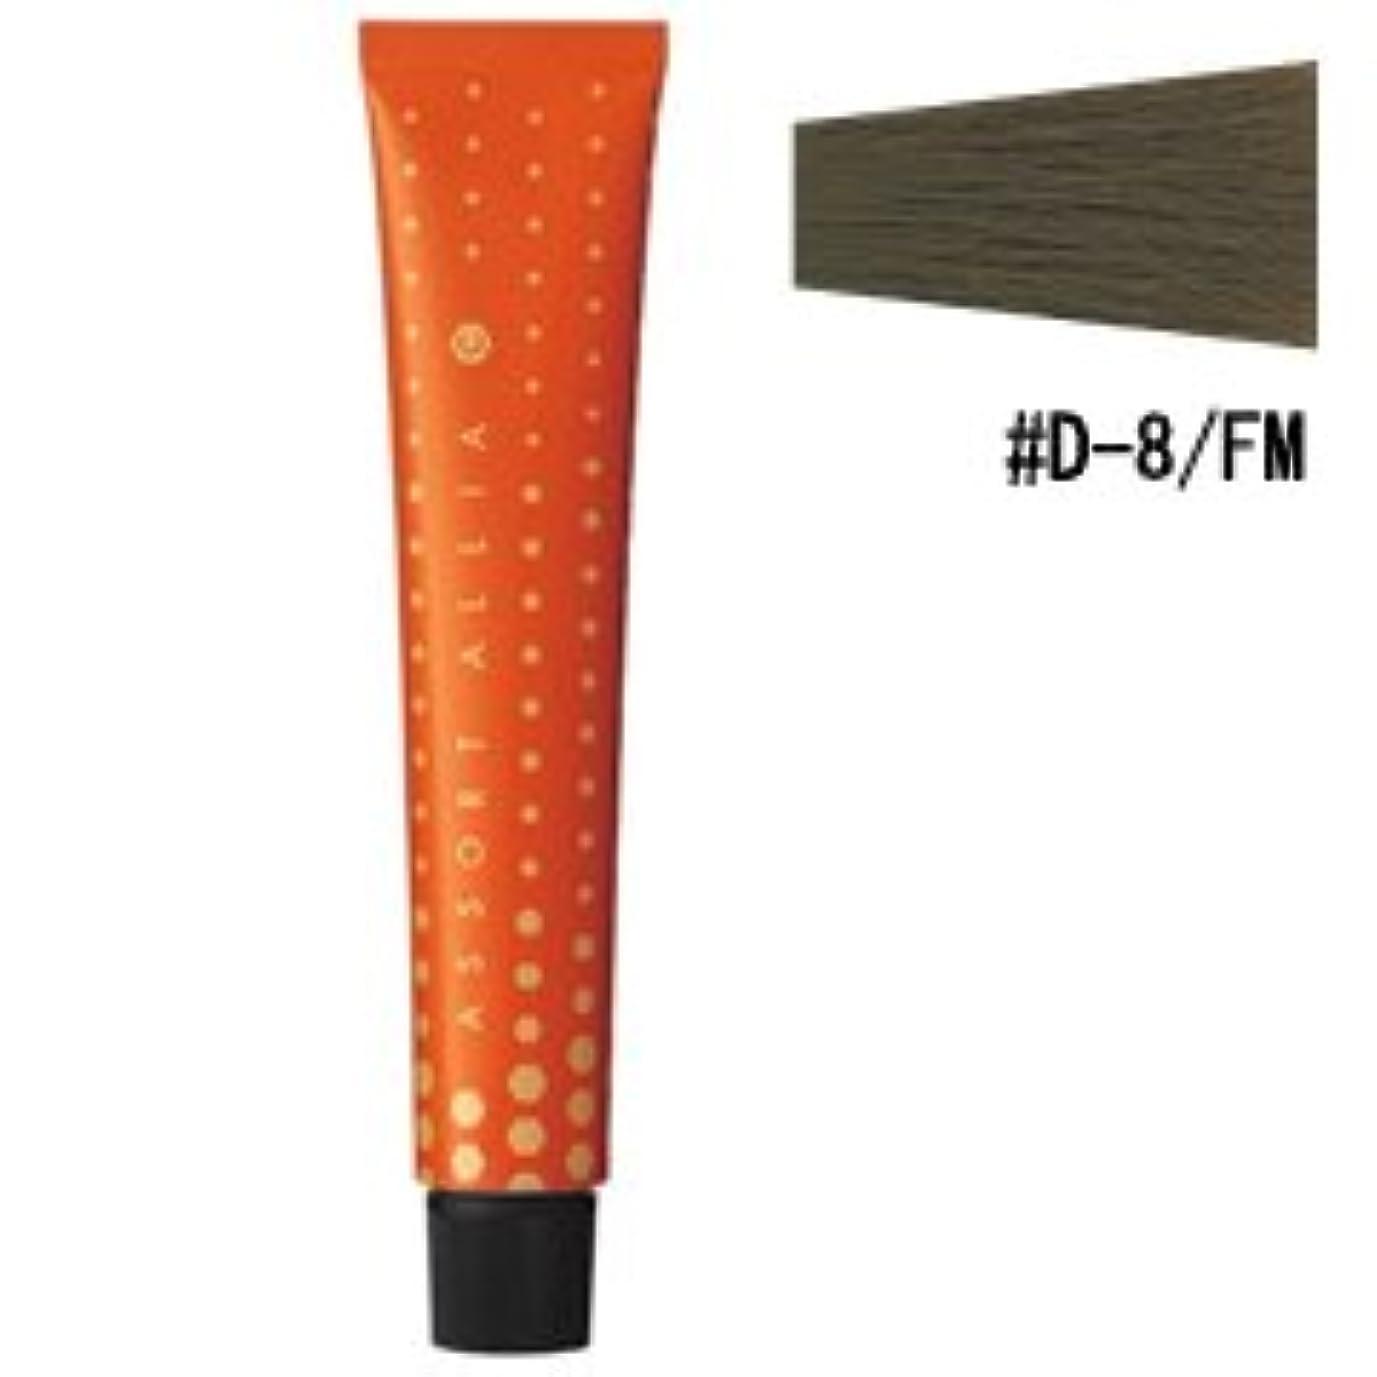 採用する淡い具体的に【デミコスメティクス】アソート アリア C 1剤 ディープライン #D-8/FM (ファジーミント) 80g